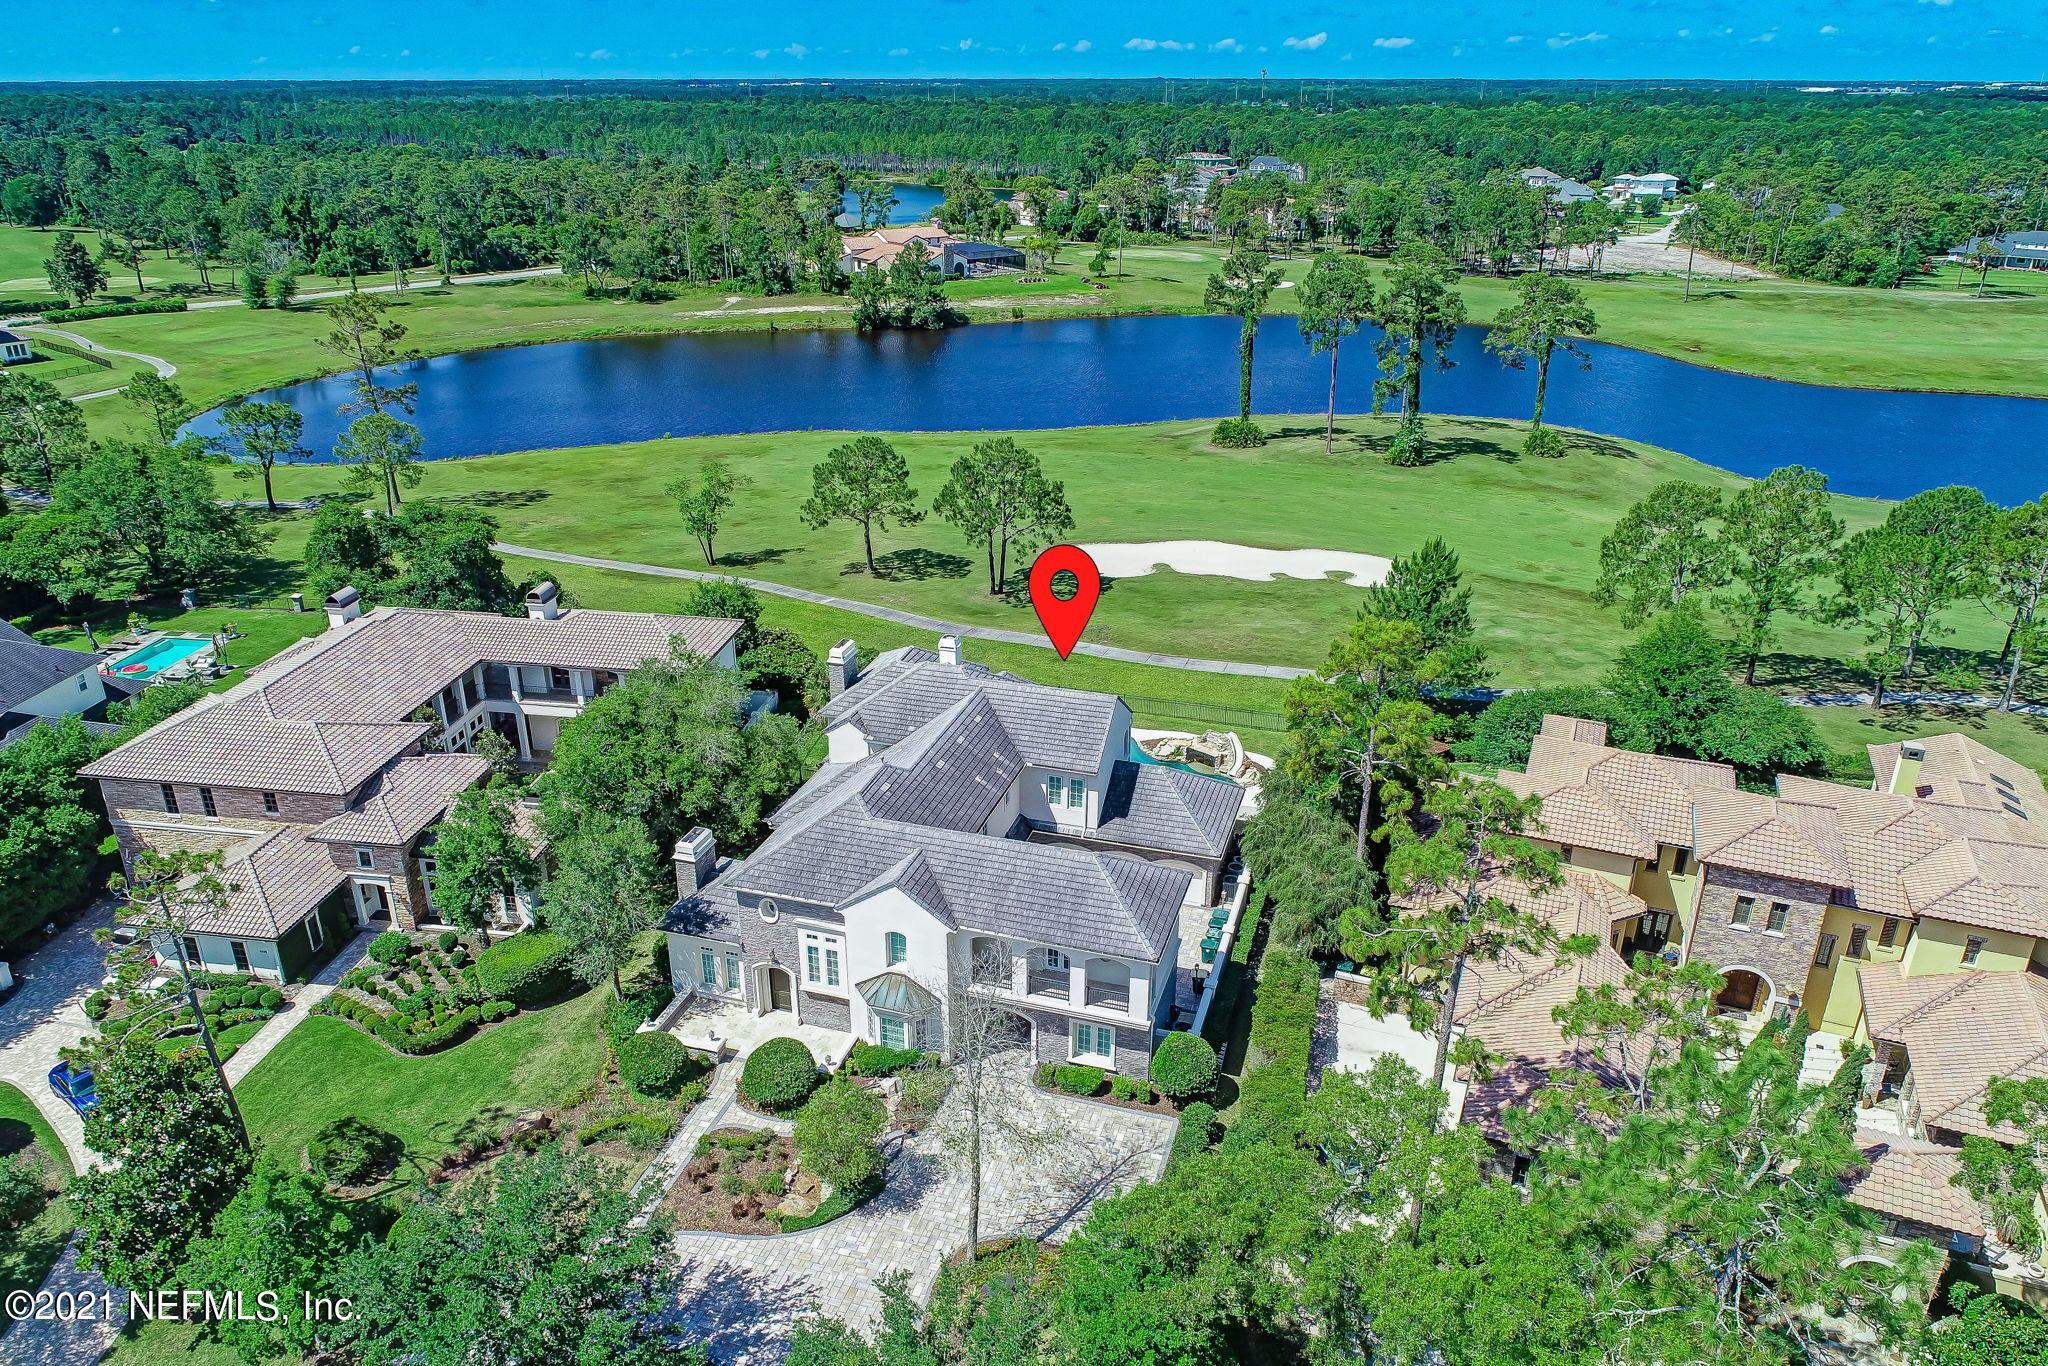 4460 GLEN KERNAN, JACKSONVILLE, FLORIDA 32224, 6 Bedrooms Bedrooms, ,5 BathroomsBathrooms,Residential,For sale,GLEN KERNAN,1110343